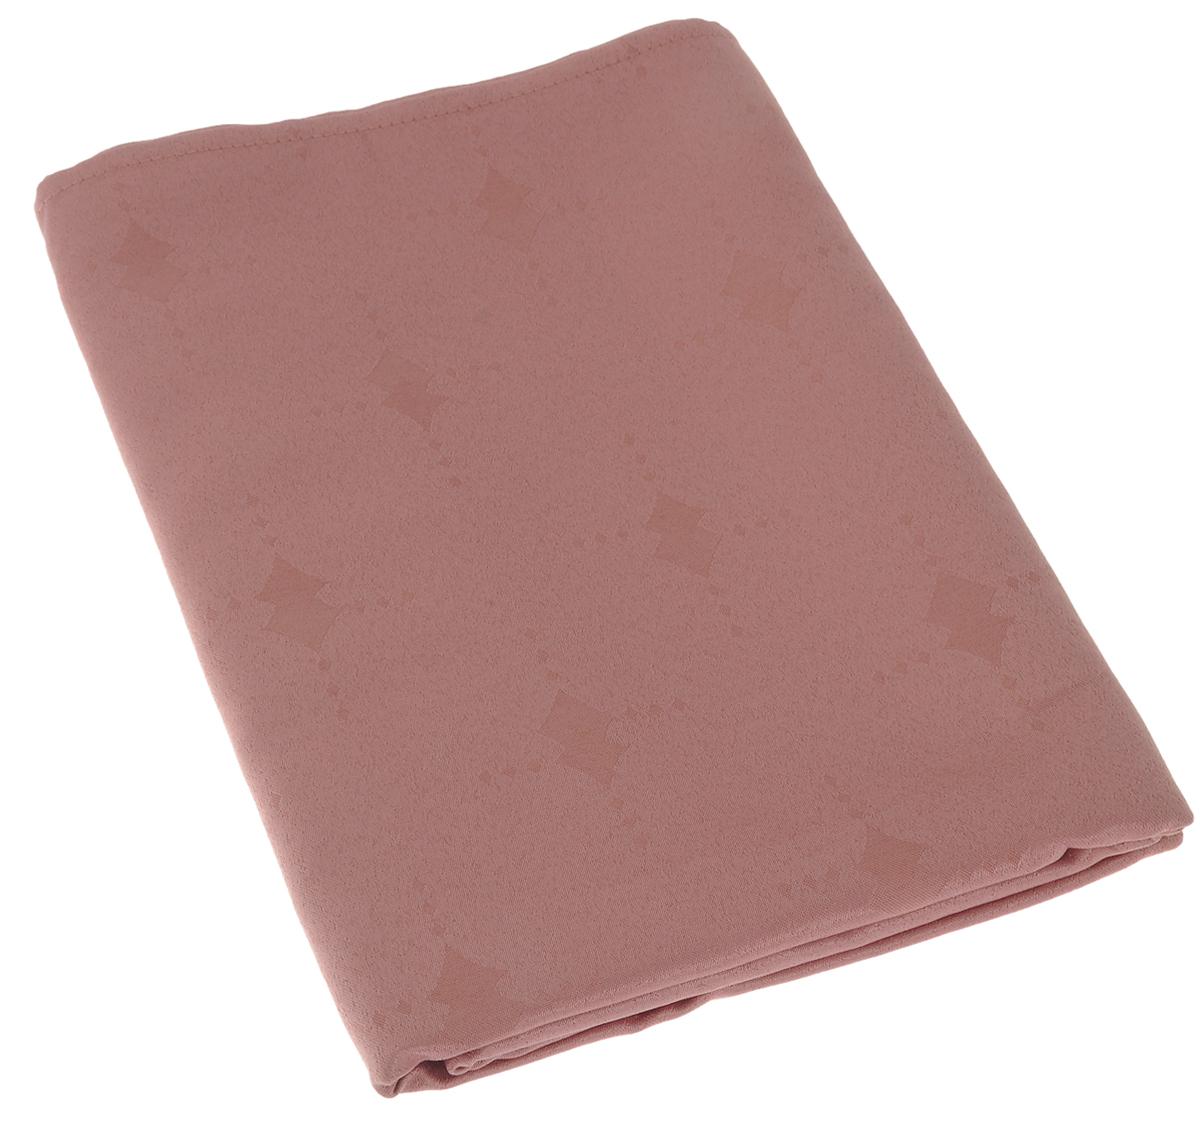 Скатерть Schaefer, прямоугольная, цвет: пепельно-розовый, 130 х 160 см. 07508-42707508-427Изящная прямоугольная скатерть Schaefer, выполненная из плотного полиэстера, станет украшением кухонного стола. Изделие декорировано красивым узором в виде ромбов. За текстилем из полиэстера очень легко ухаживать: он не мнется, не садится и быстро сохнет, легко стирается, более долговечен, чем текстиль из натуральных волокон. Использование такой скатерти сделает застолье торжественным, поднимет настроение гостей и приятно удивит их вашим изысканным вкусом. Также вы можете использовать эту скатерть для повседневной трапезы, превратив каждый прием пищи в волшебный праздник и веселье. Это текстильное изделие станет изысканным украшением вашего дома!